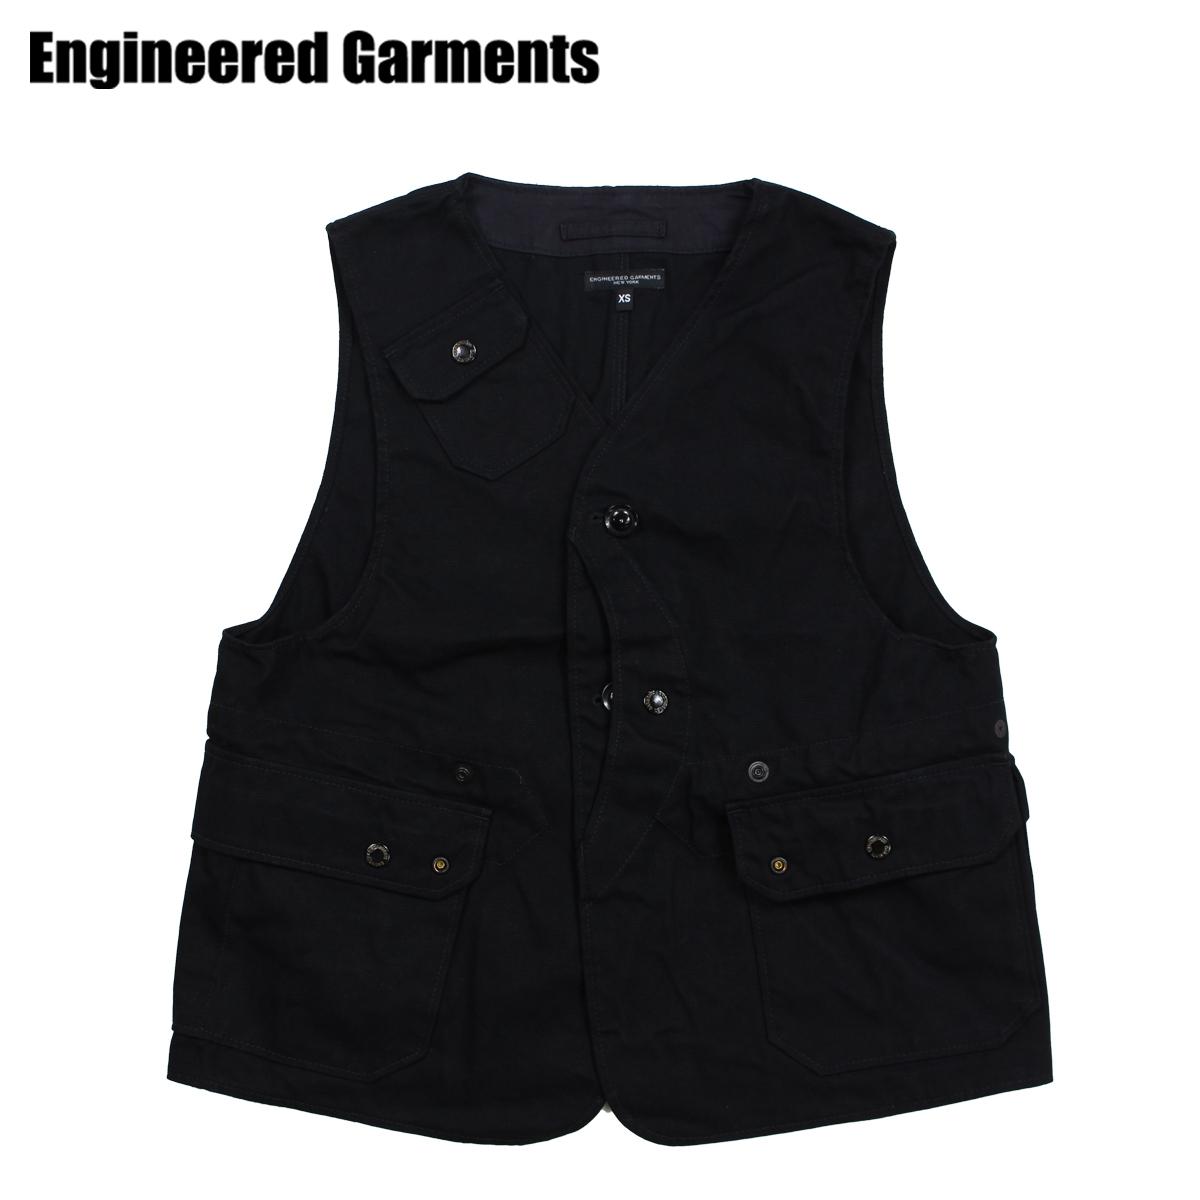 ENGINEERED GARMENTS エンジニアドガーメンツ ベスト メンズ ジレ UPLAND VEST ブラック 黒 F8C0269